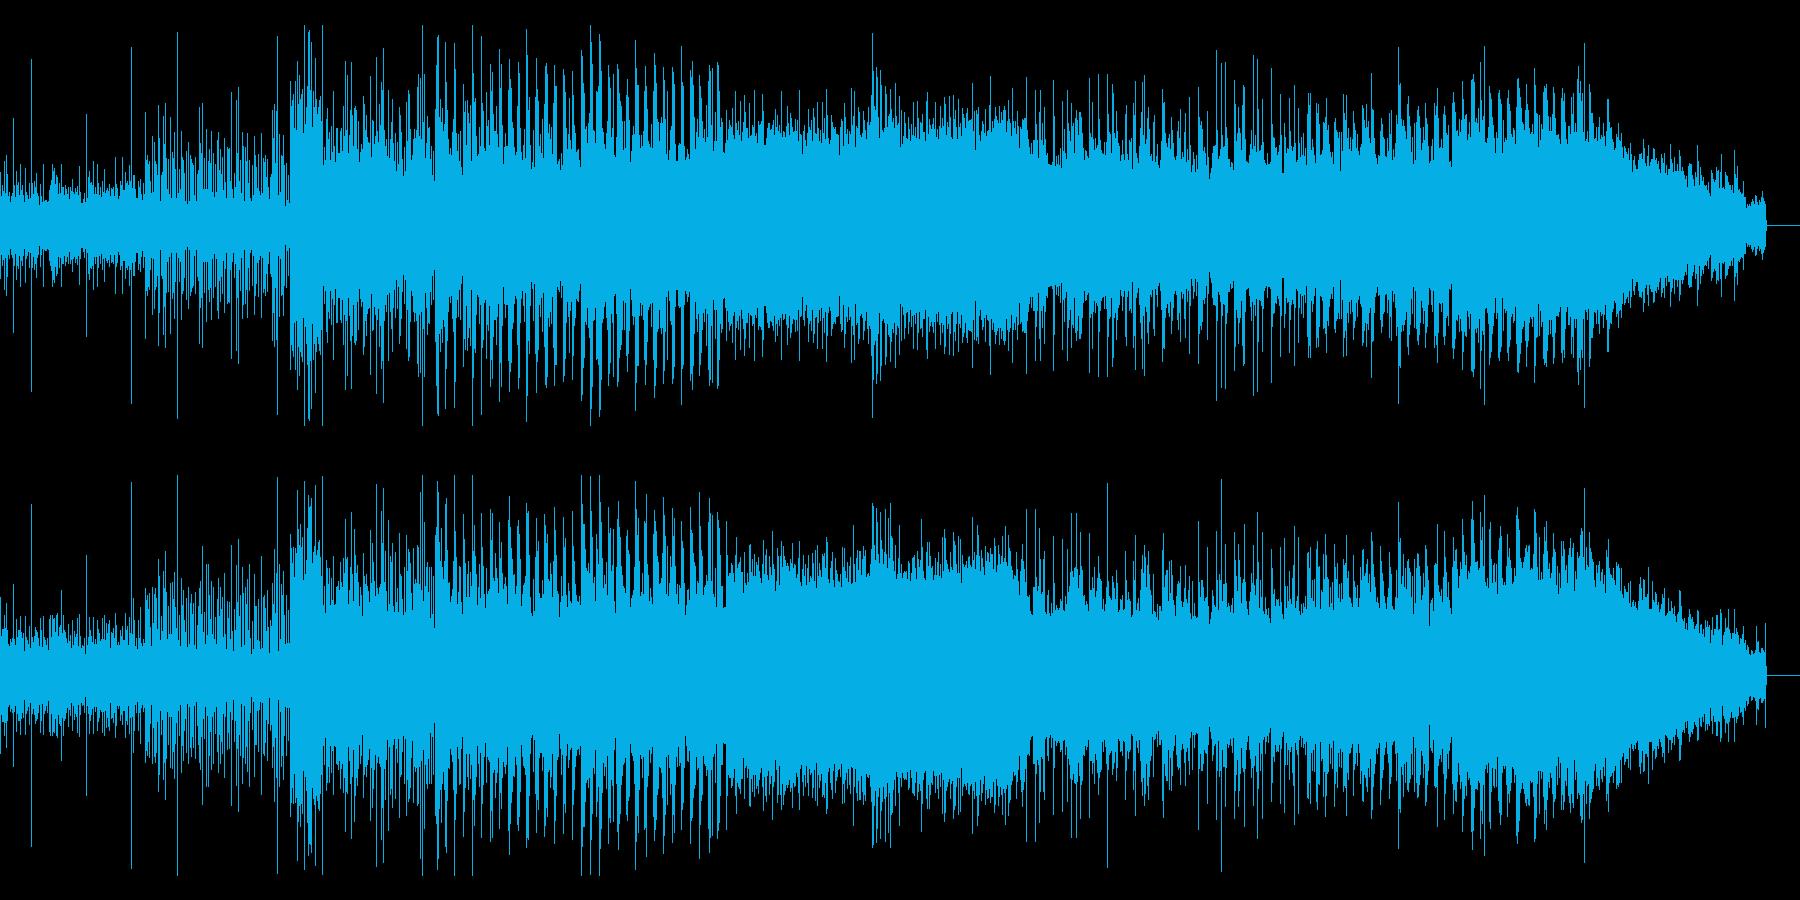 徐々に迫るデジタルシネマティックBGMの再生済みの波形